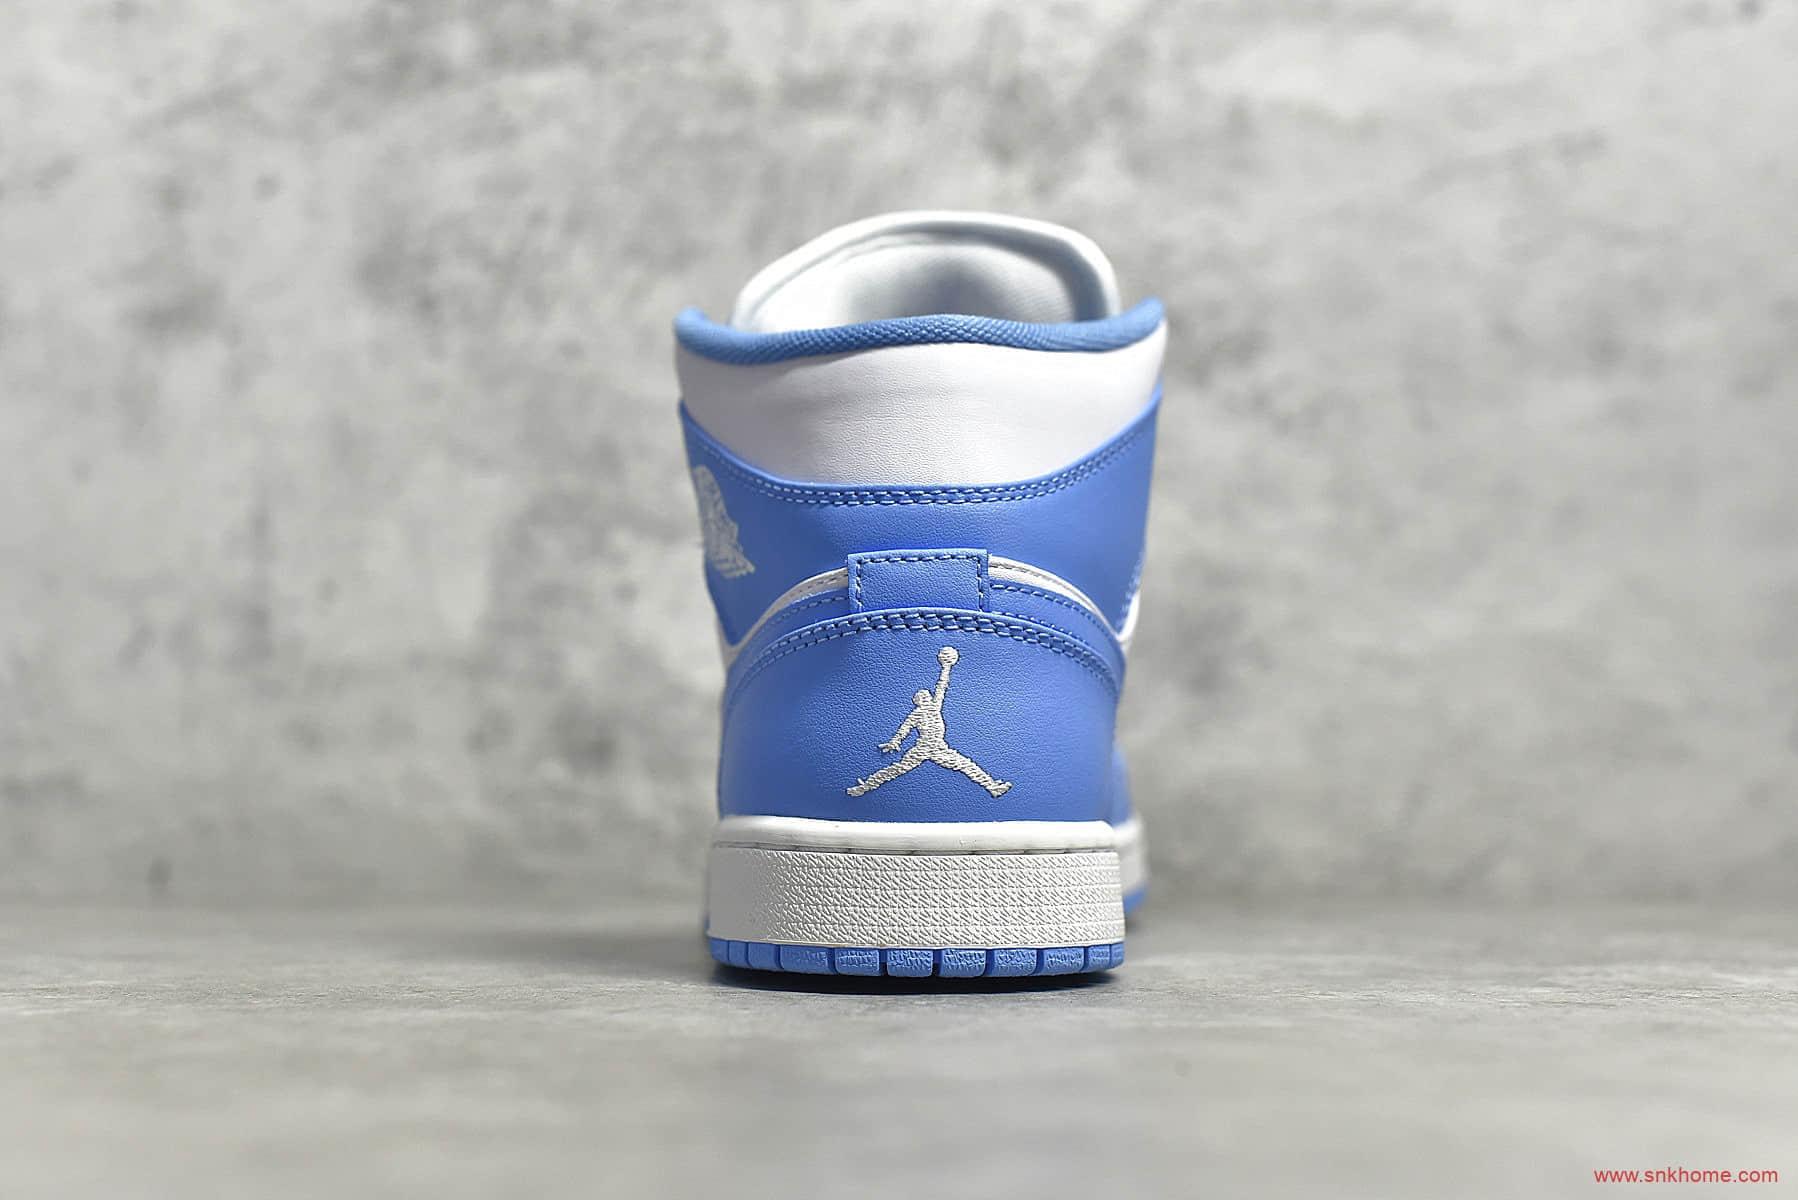 Air Jordan 1 MiD 纯原版本AJ1北卡蓝 AJ1白蓝中帮莆田工厂实拍图 货号:554724-106-潮流者之家